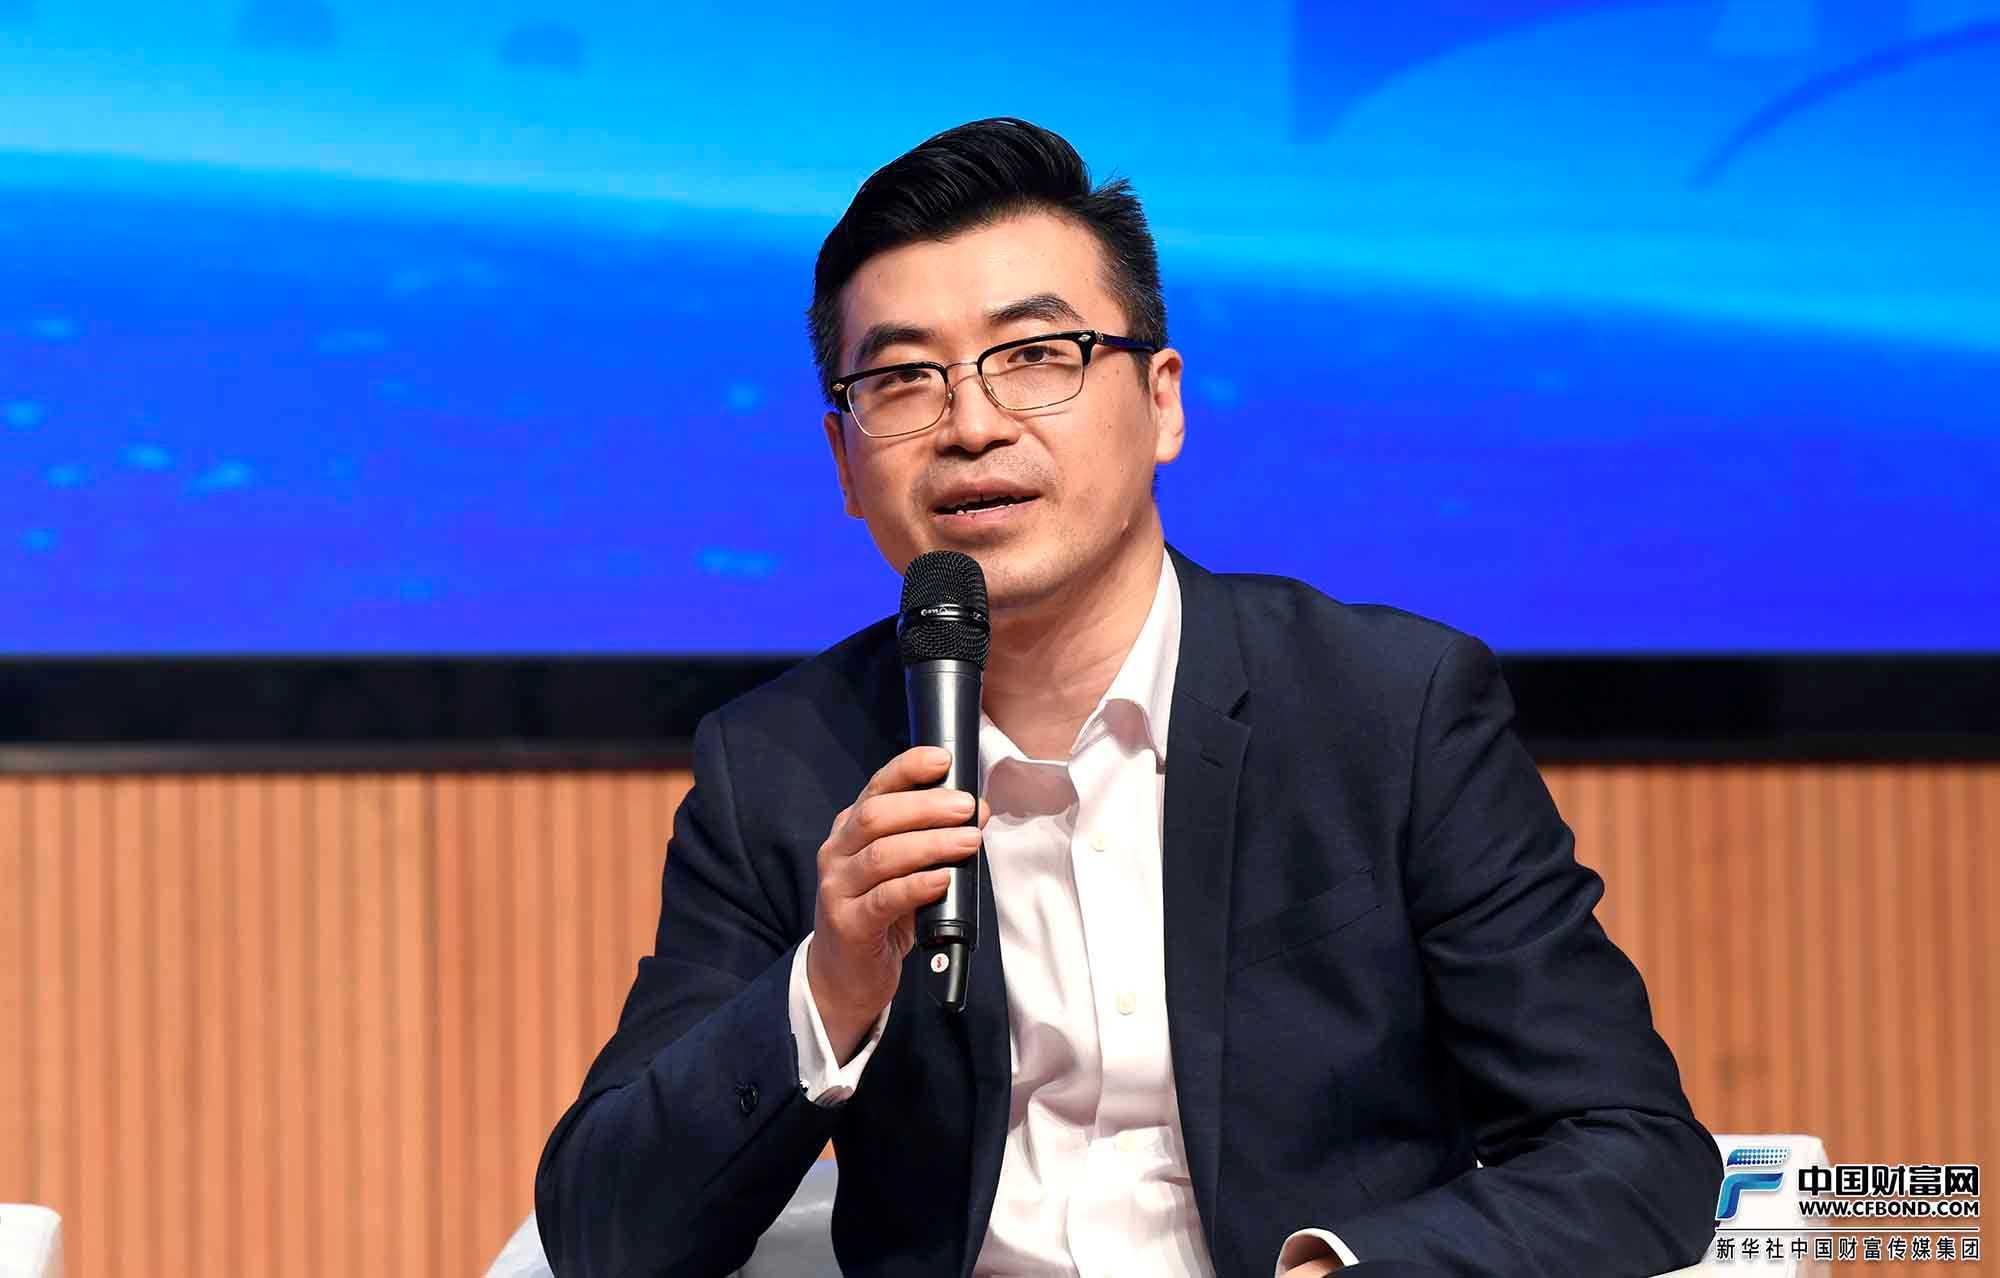 对话嘉宾:浙江互联网金融资产交易中心CEO吴志刚